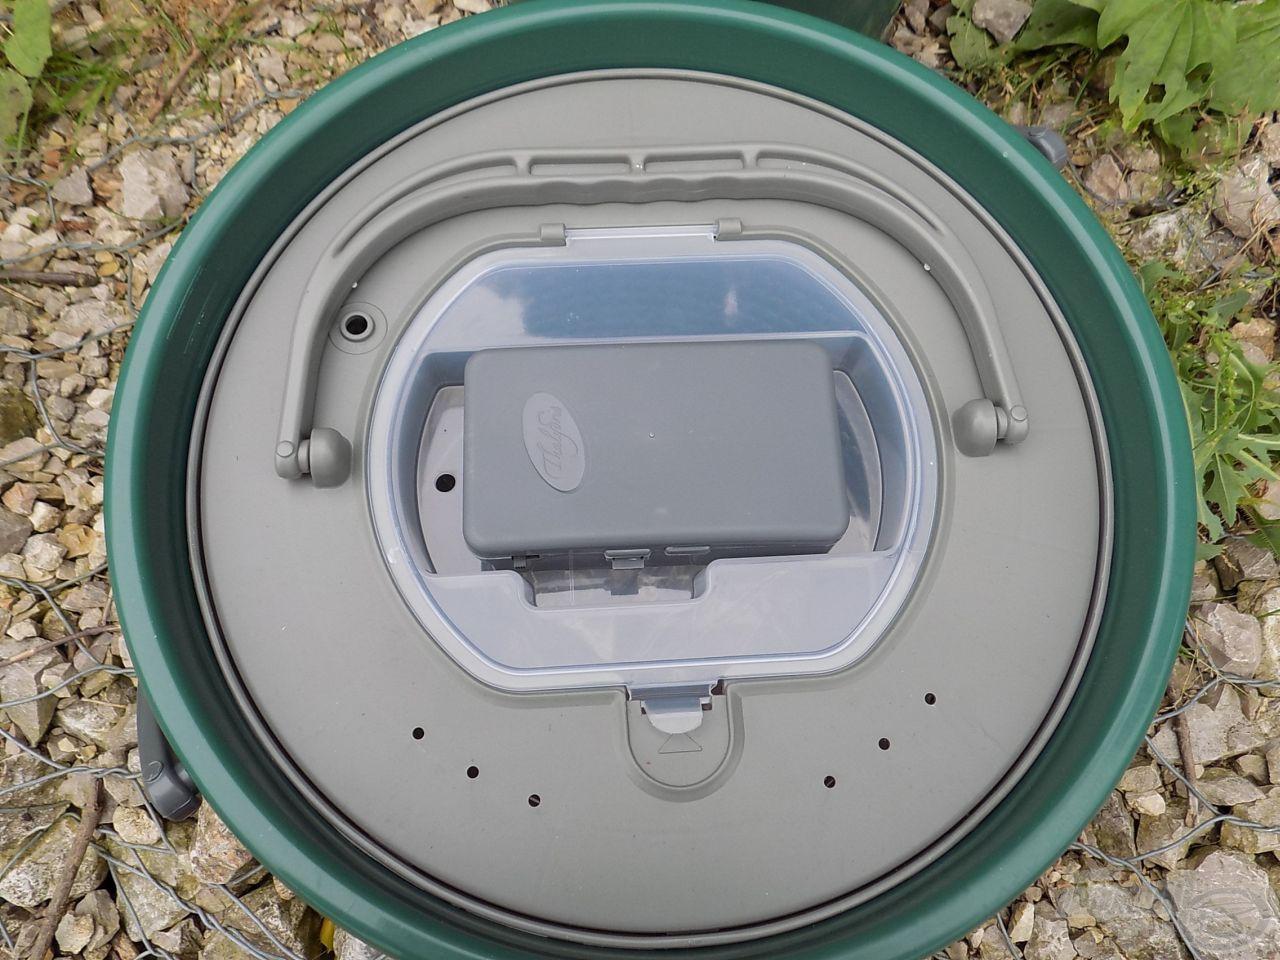 A pumpát stabilan rögzíthetjük a kanna felnyitható műanyag tetején